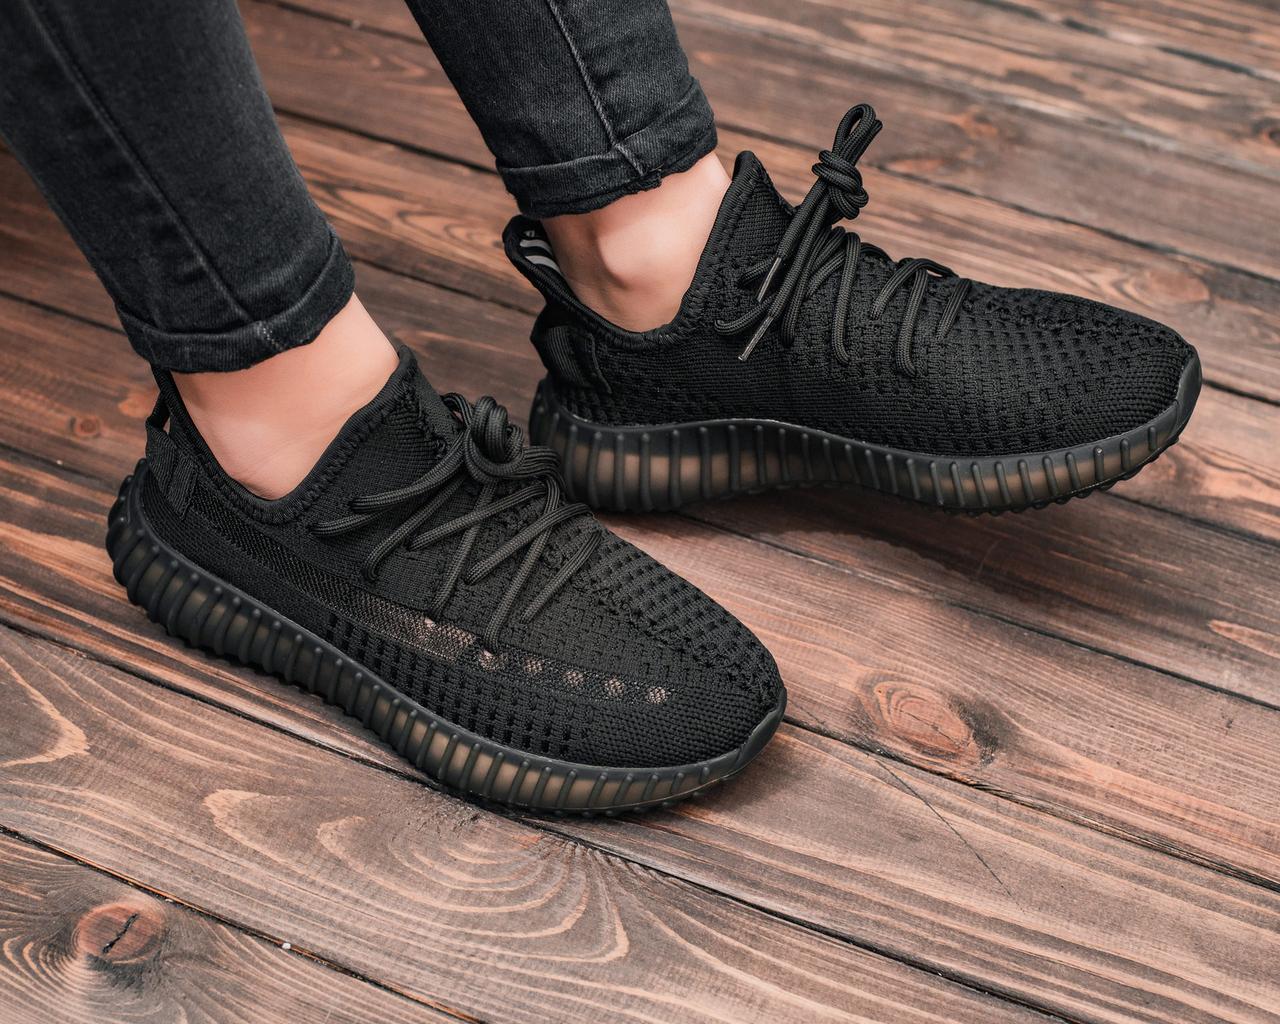 Женские кроссовки Adidas Yeezy Boost 350 V2, женские кроссовки адидас изи буст 350 в2 (37,38 размеры в наличии